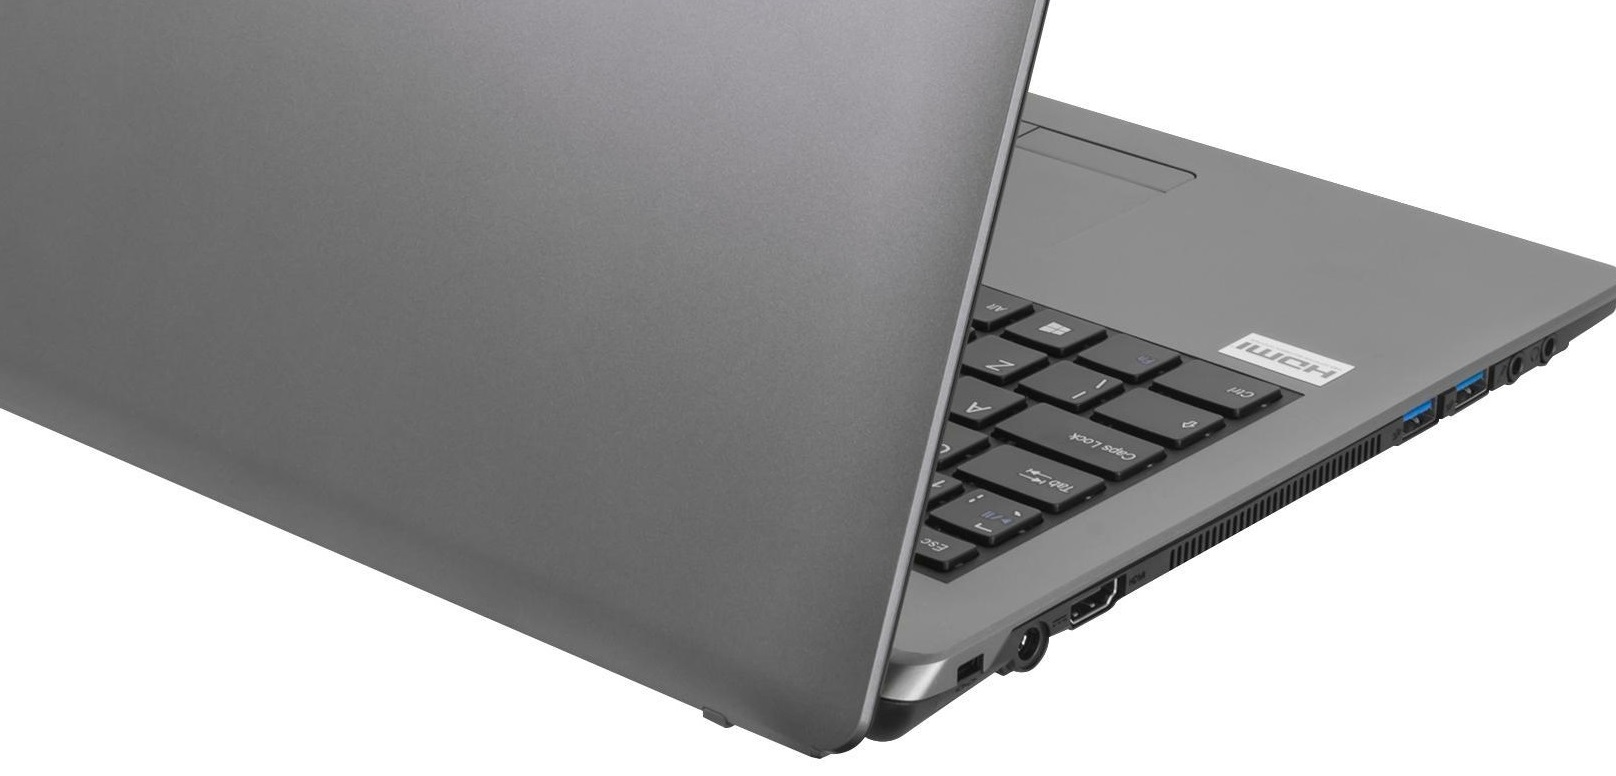 Seismic N240BY: Ultrabook de 14″ con puerto M.2 y 4G LTE